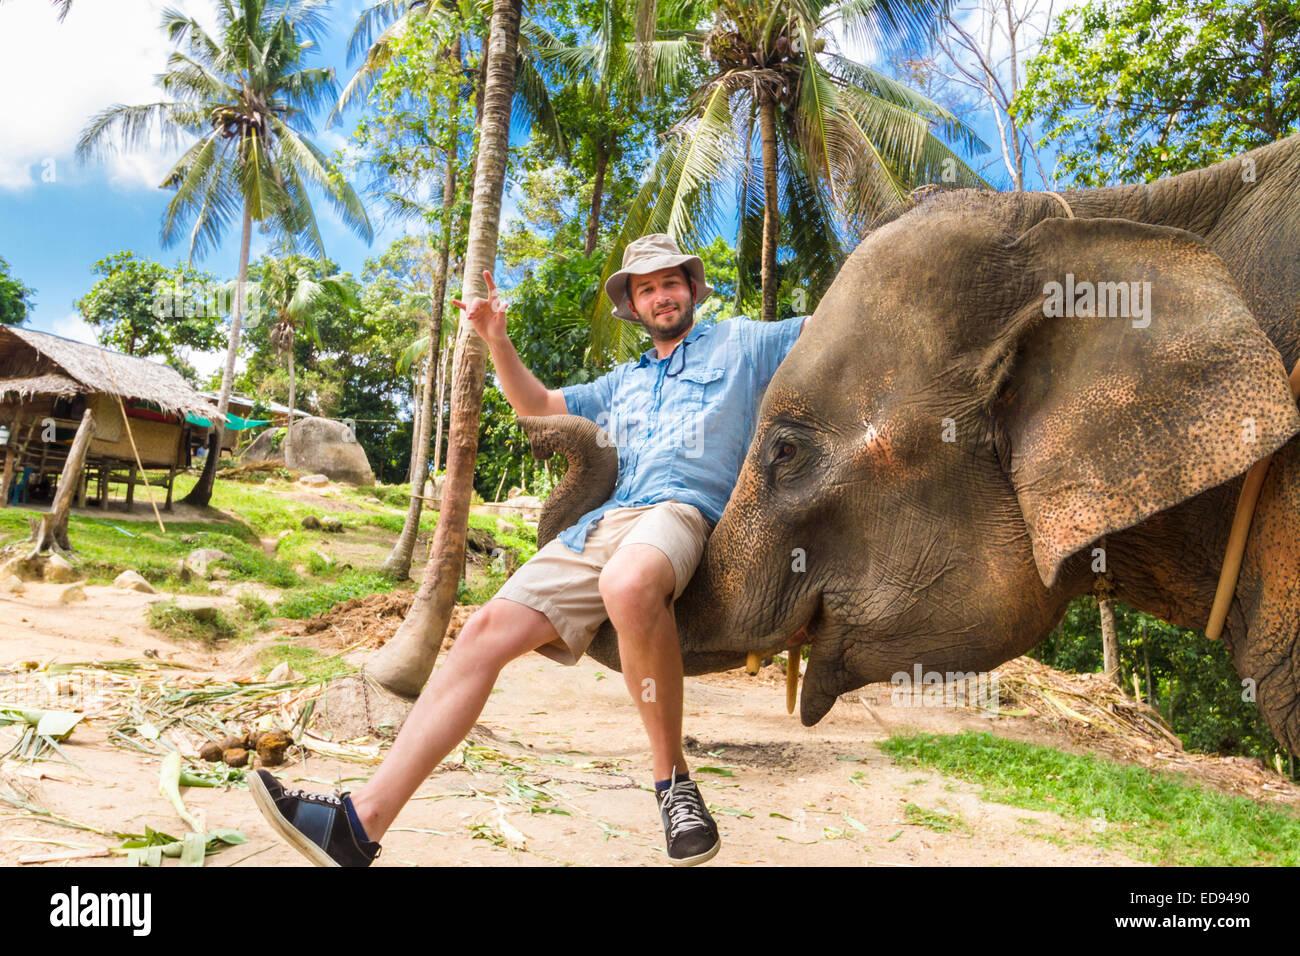 Elephan sollevamento di un turista. Immagini Stock